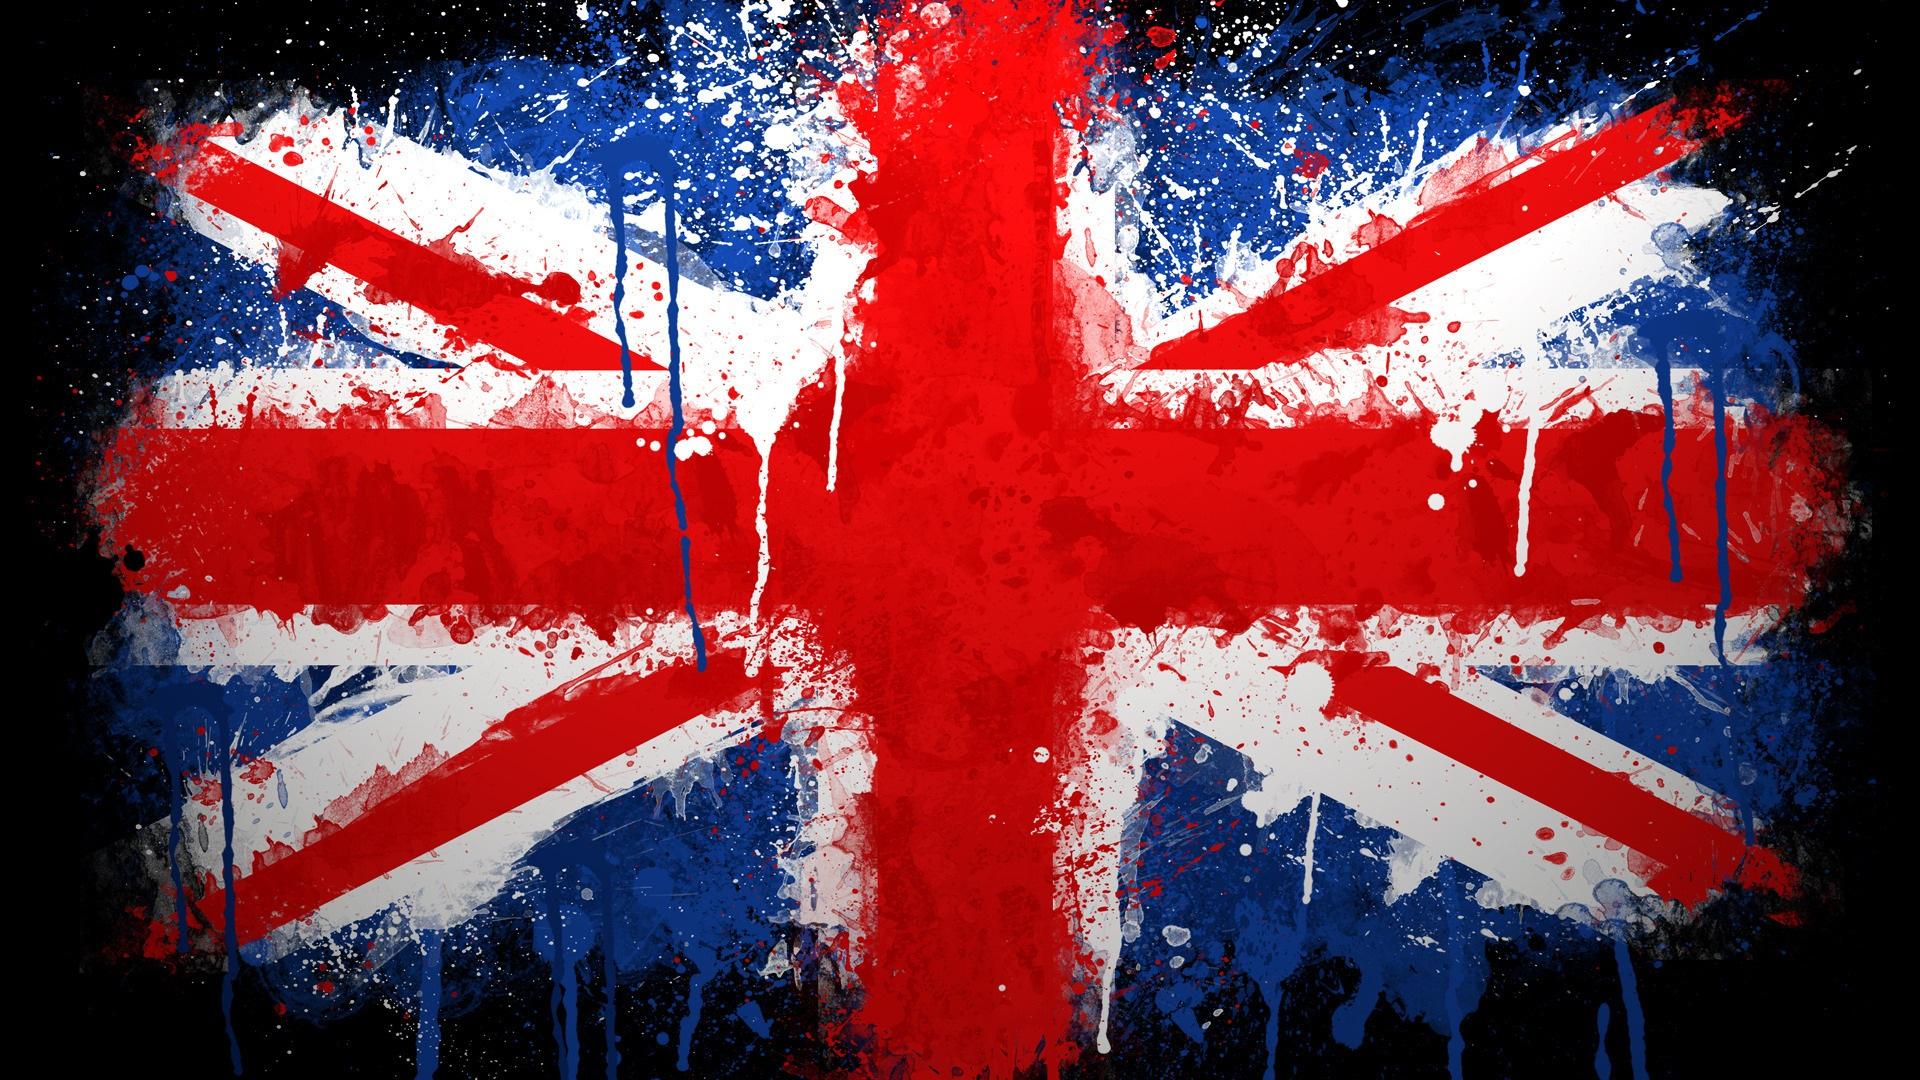 Flag art england wallpaper High Quality WallpapersWallpaper Desktop 1920x1080